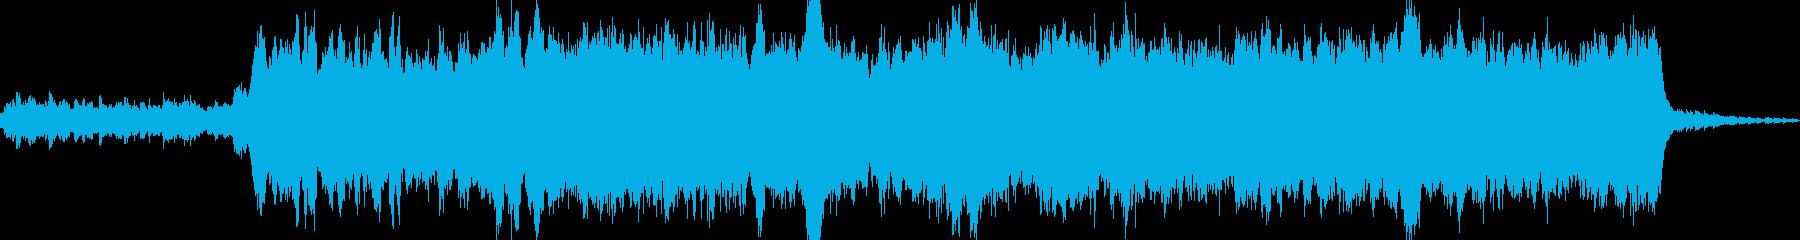 エンドロールにぴったりなオーケストラ曲の再生済みの波形